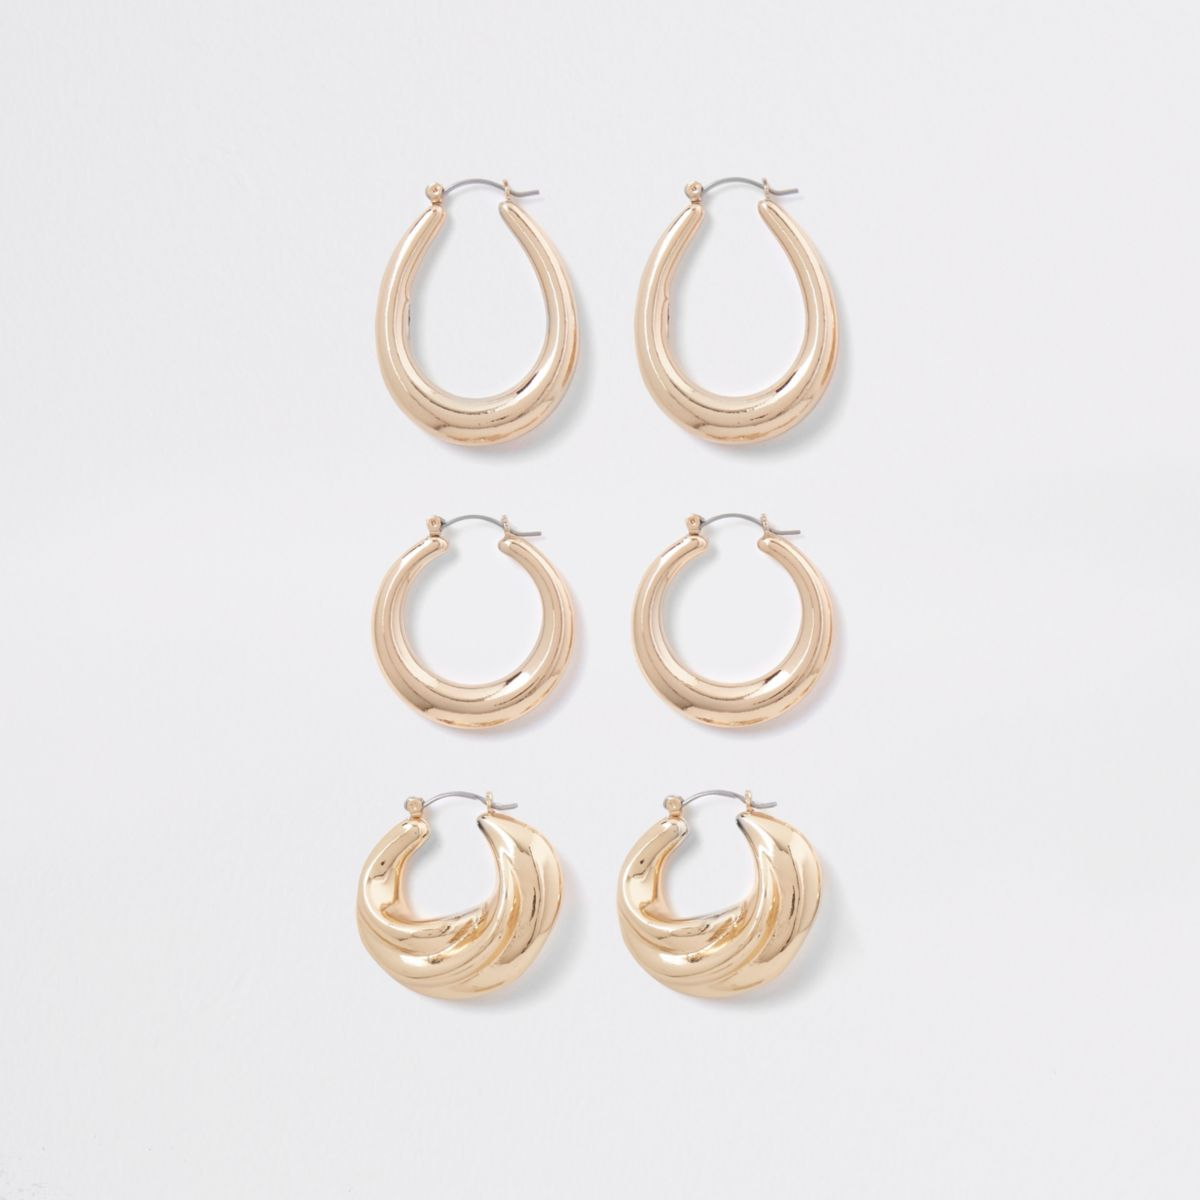 Gold tone metal hoop earring multipack